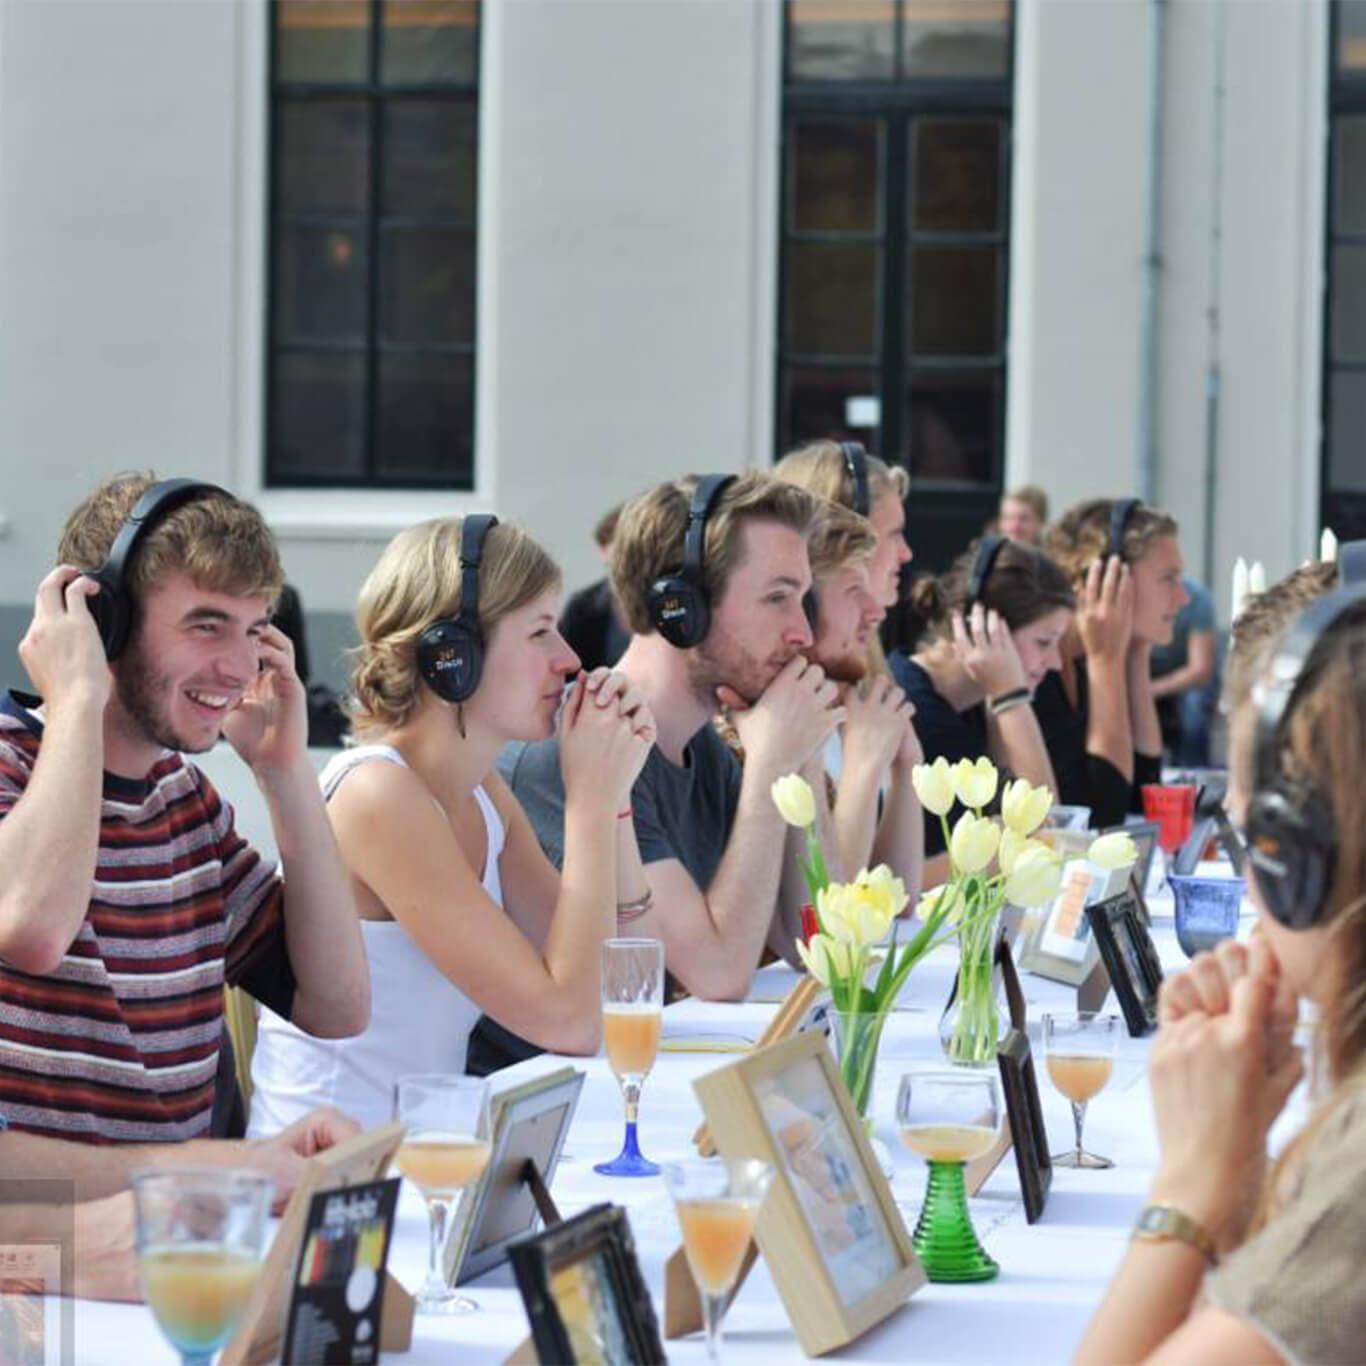 Uniek dineren met koptelefoons